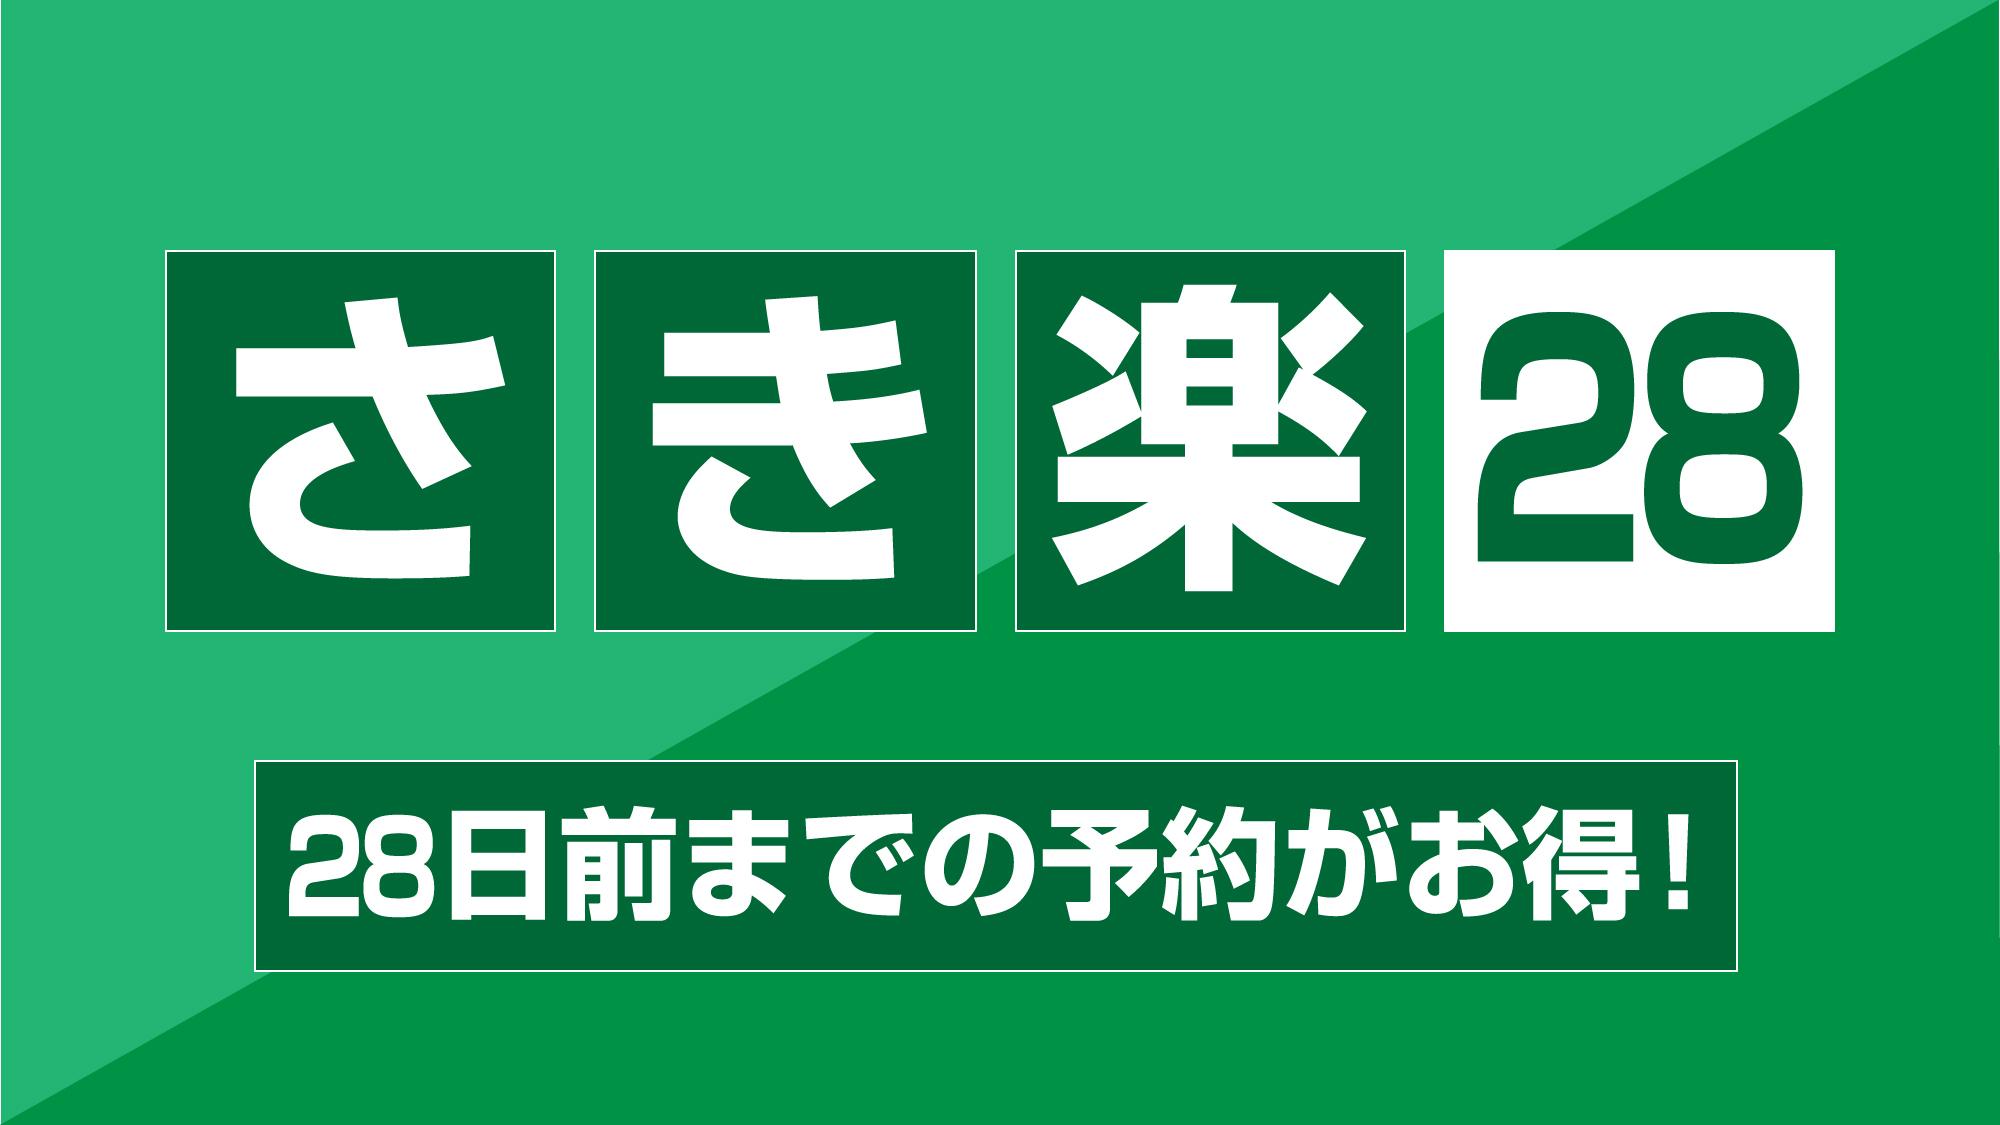 【楽パック】 28日前までの予約限定!